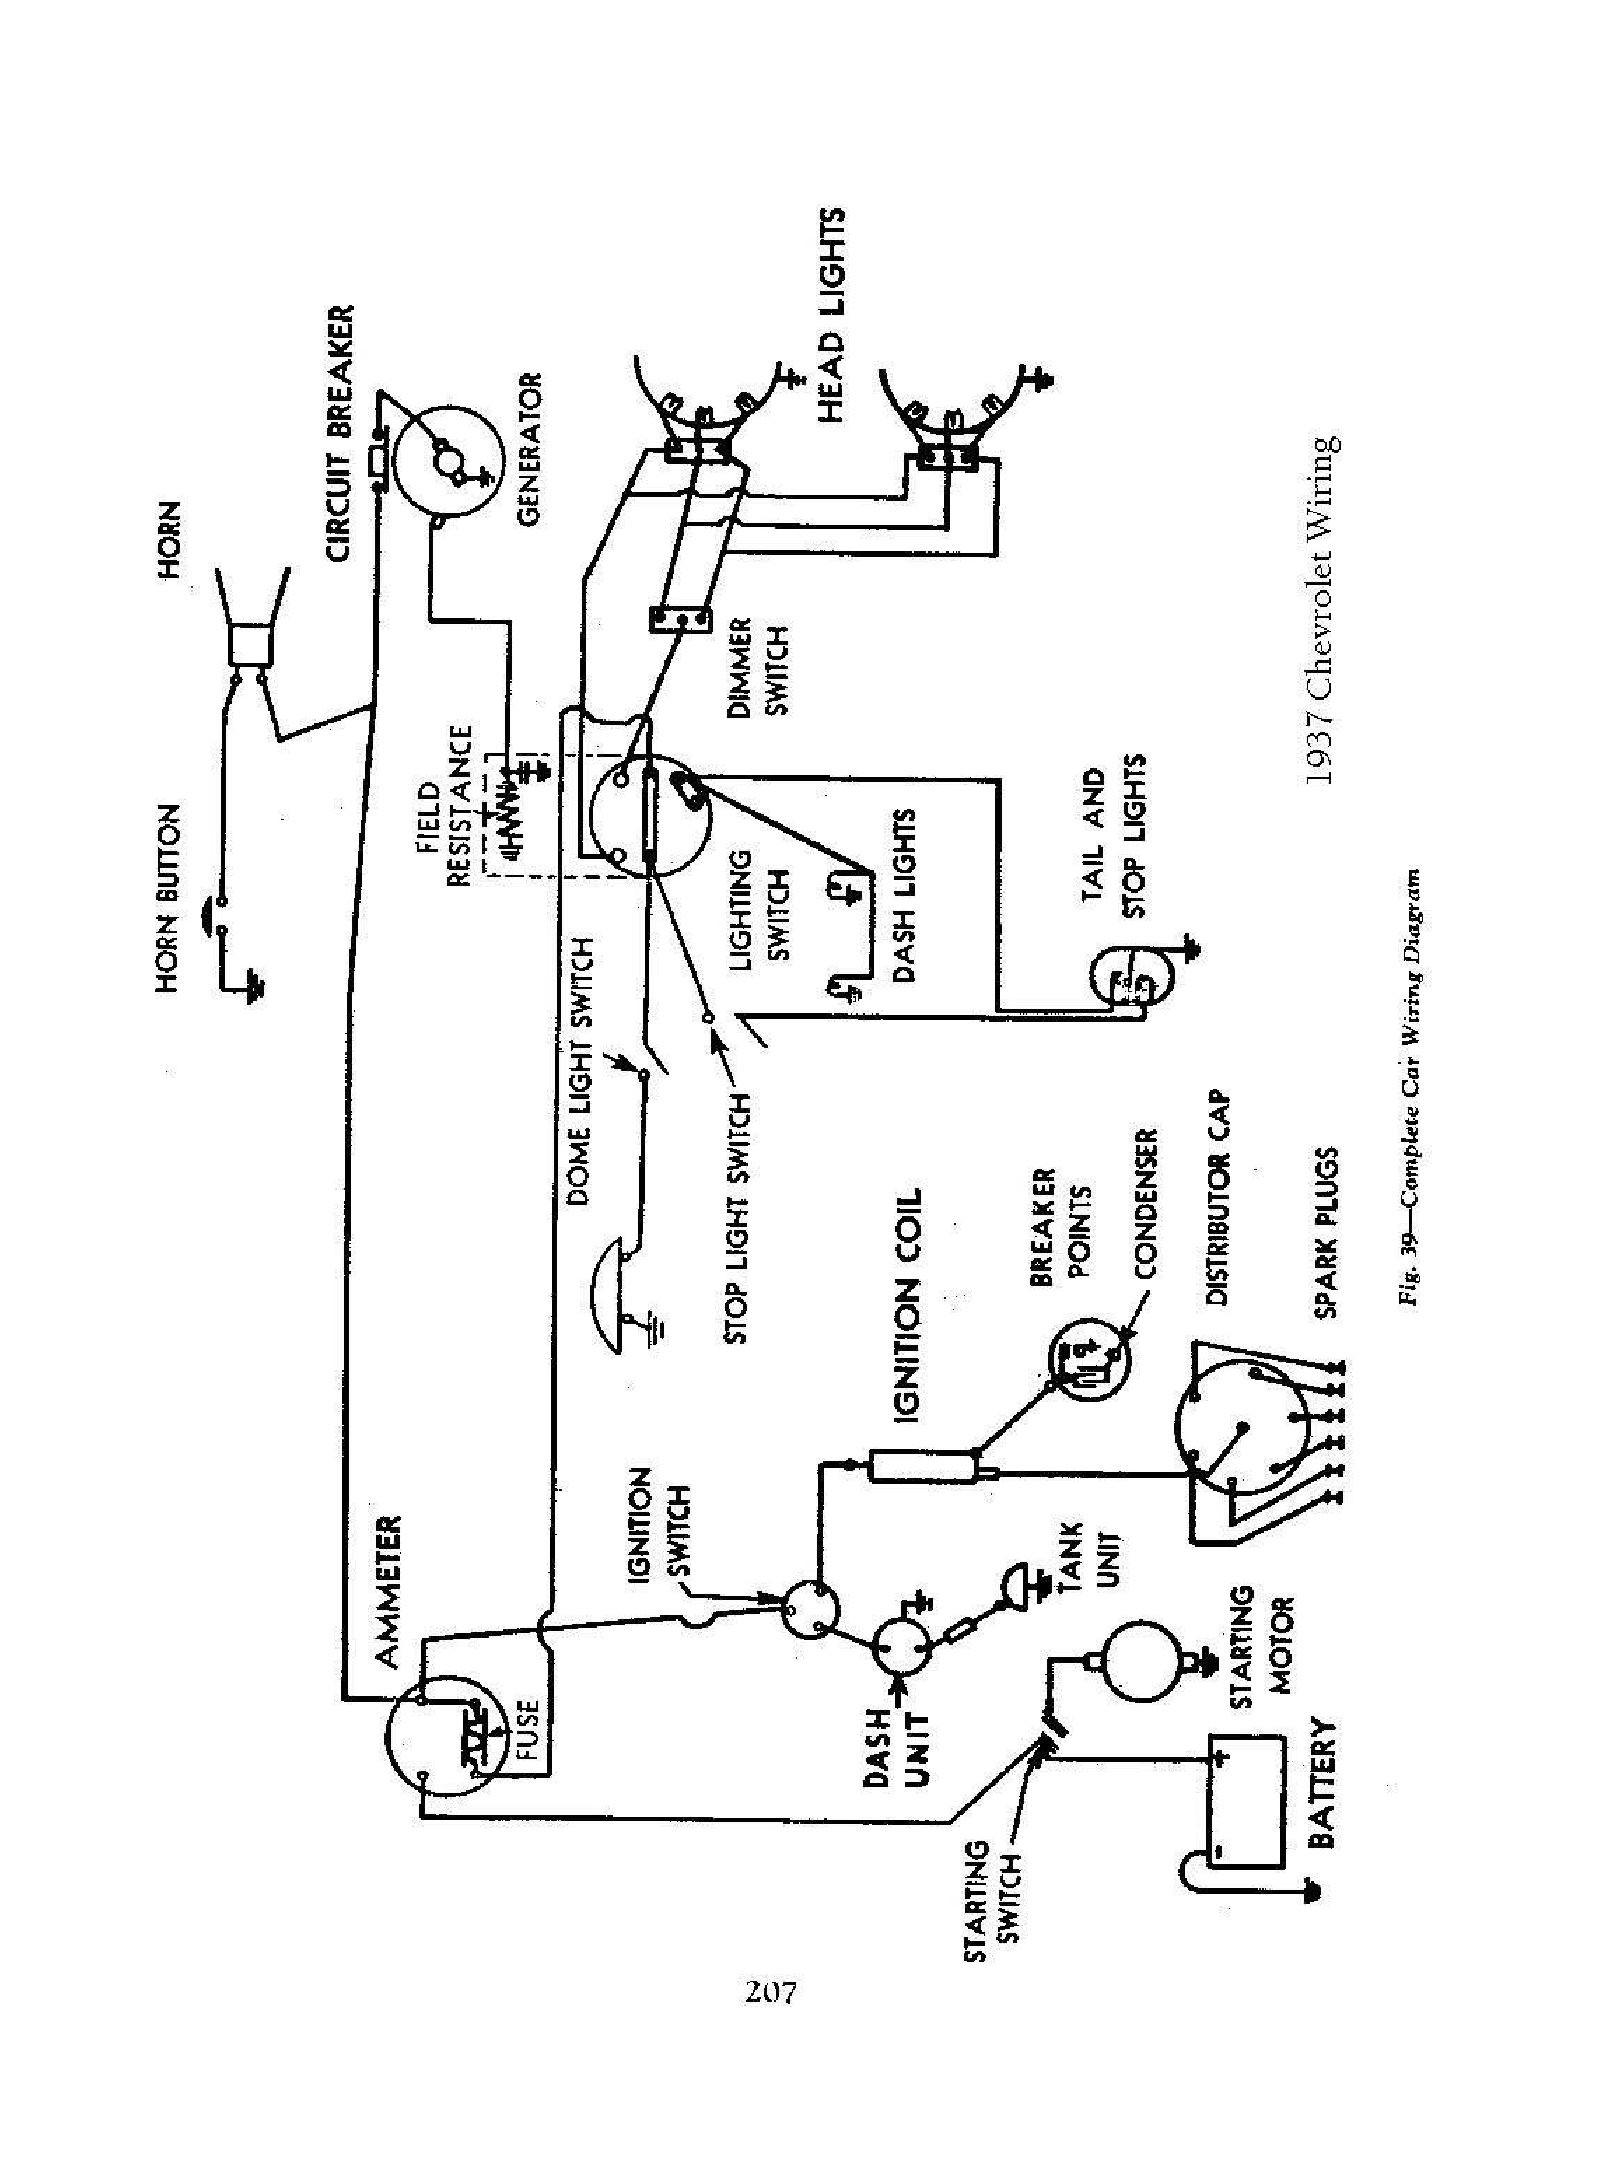 theatre light circuit diagram